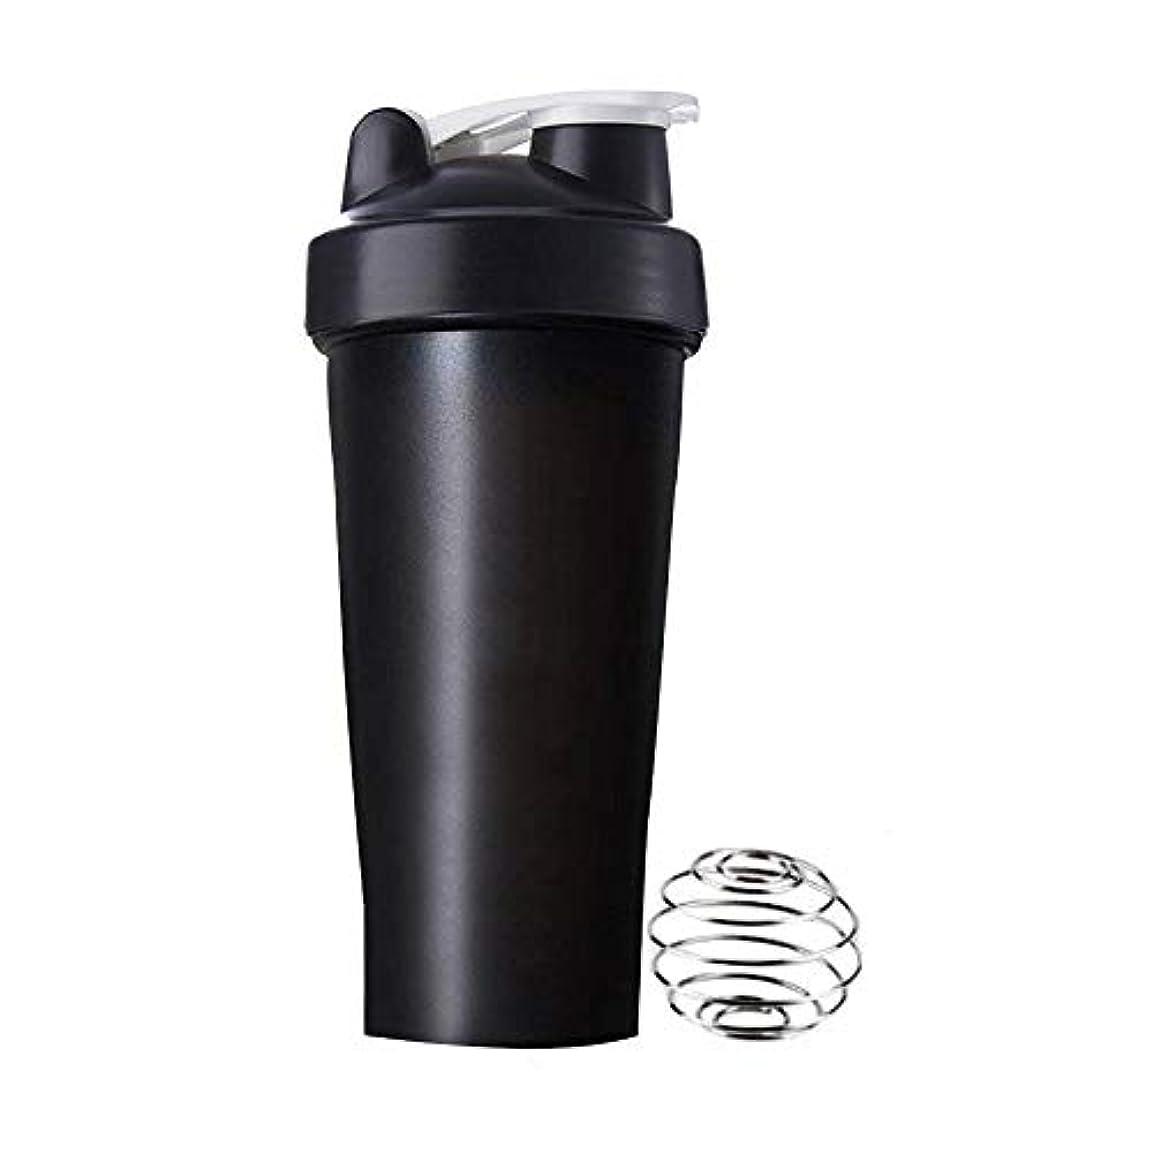 請求可能オーガニックサーカスSimg プロテインシェイカー 直飲み プラスチックウォーターボトル ジム シェーカーボトル 600ml